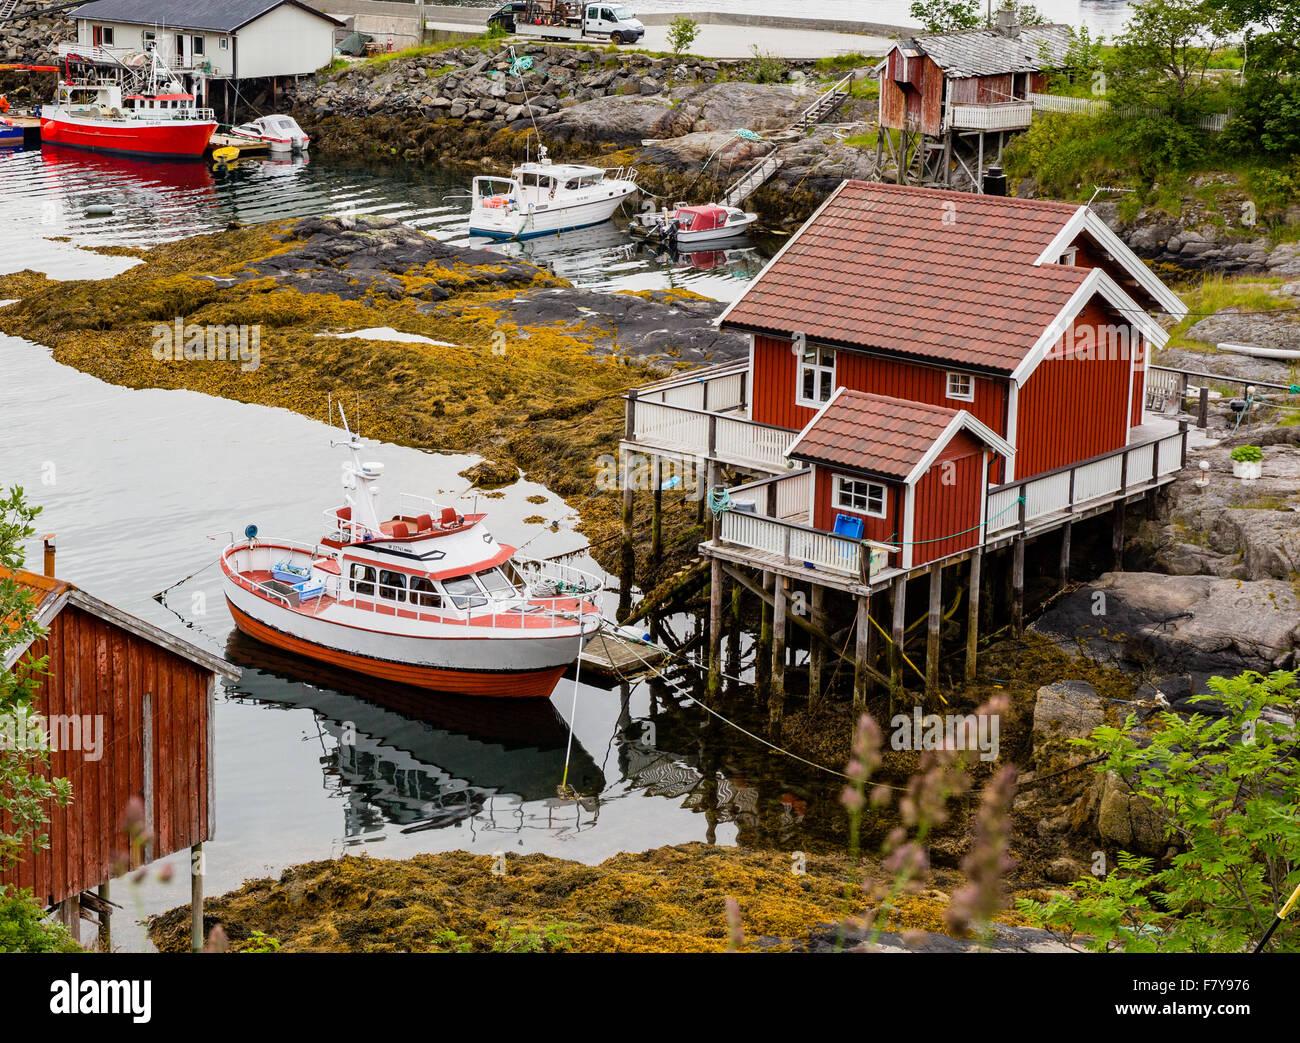 Kleines Haus auf Stelzen und kleinen Fischerboot in Moskenes im westlichen Norwegen Lofoten-Inseln neben festgemacht. Stockbild